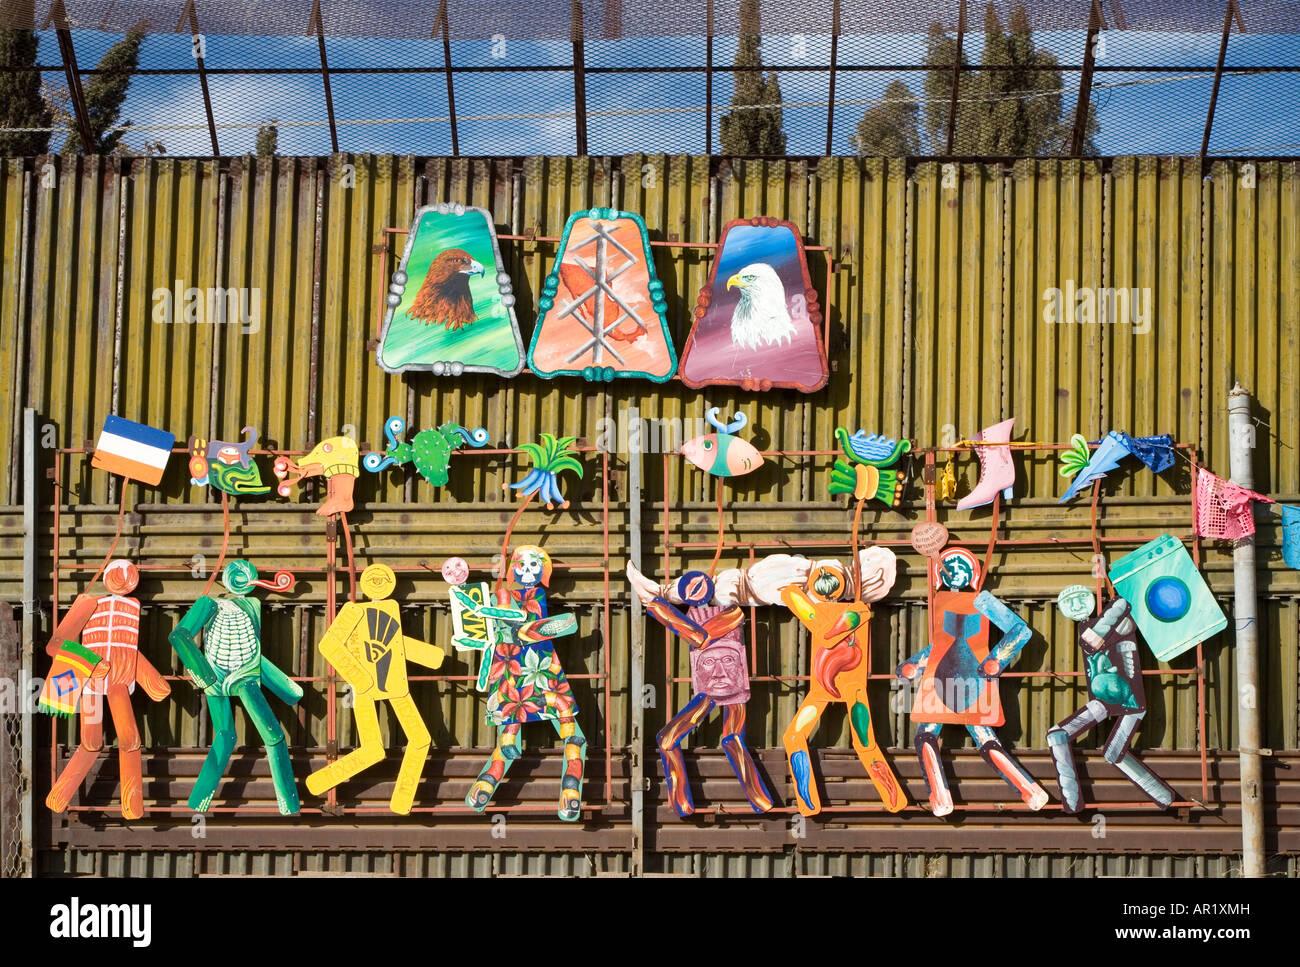 Mexican Wall Art mexican wall art stock photos & mexican wall art stock images - alamy